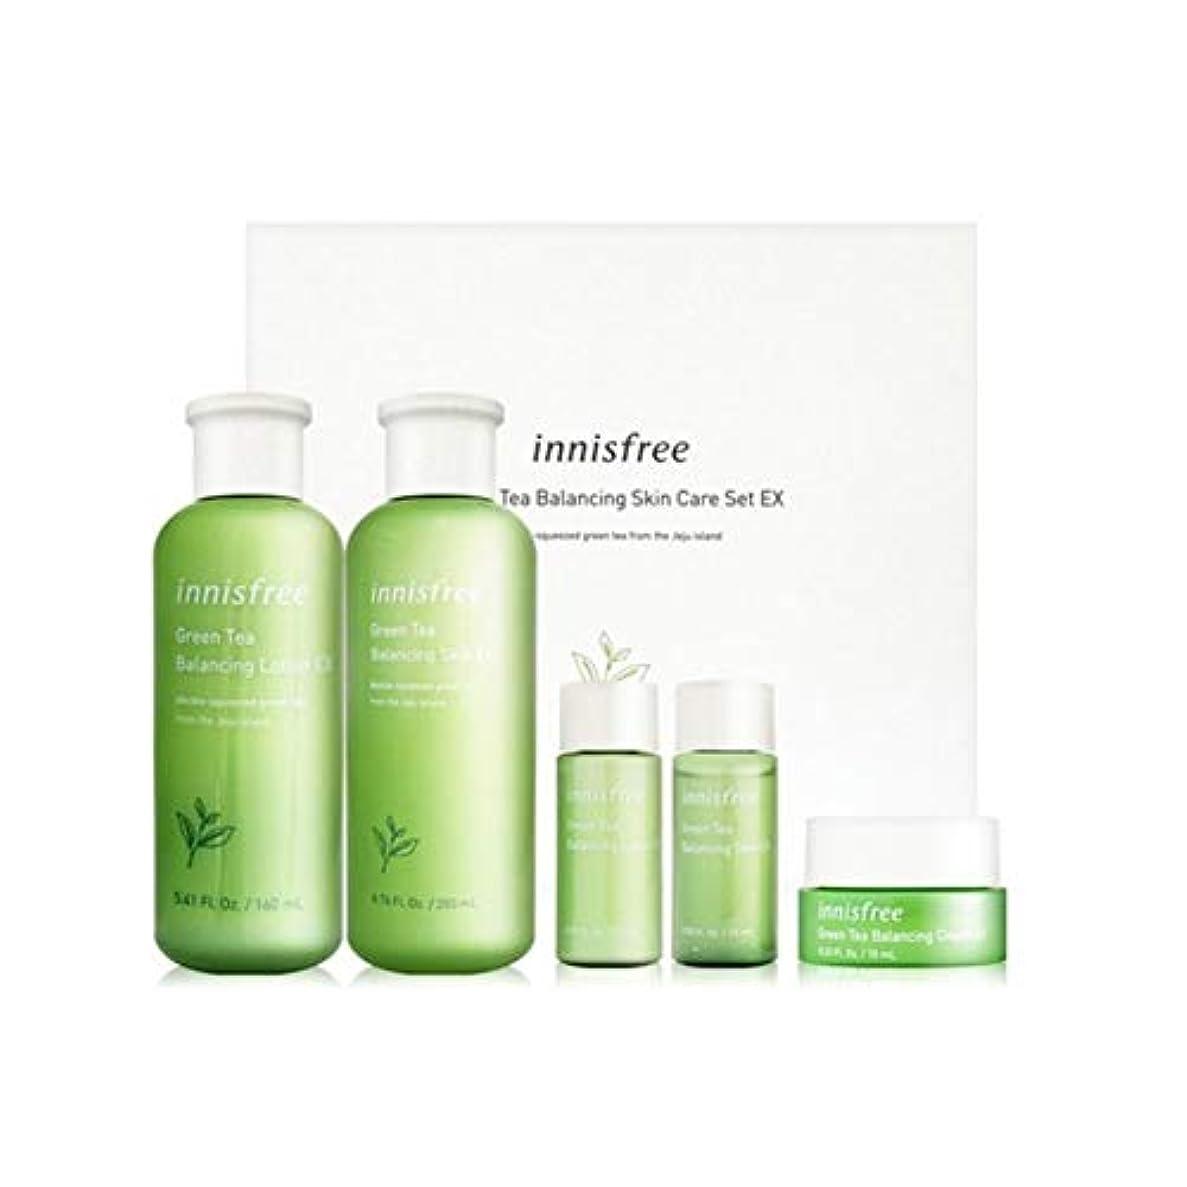 局農夫追跡イニスフリーグリーンティーバランシングスキンケアセットの水分ケア韓国コスメ、innisfree Green Tea Balancing Skin Care Set Korean Cosmetics [並行輸入品]